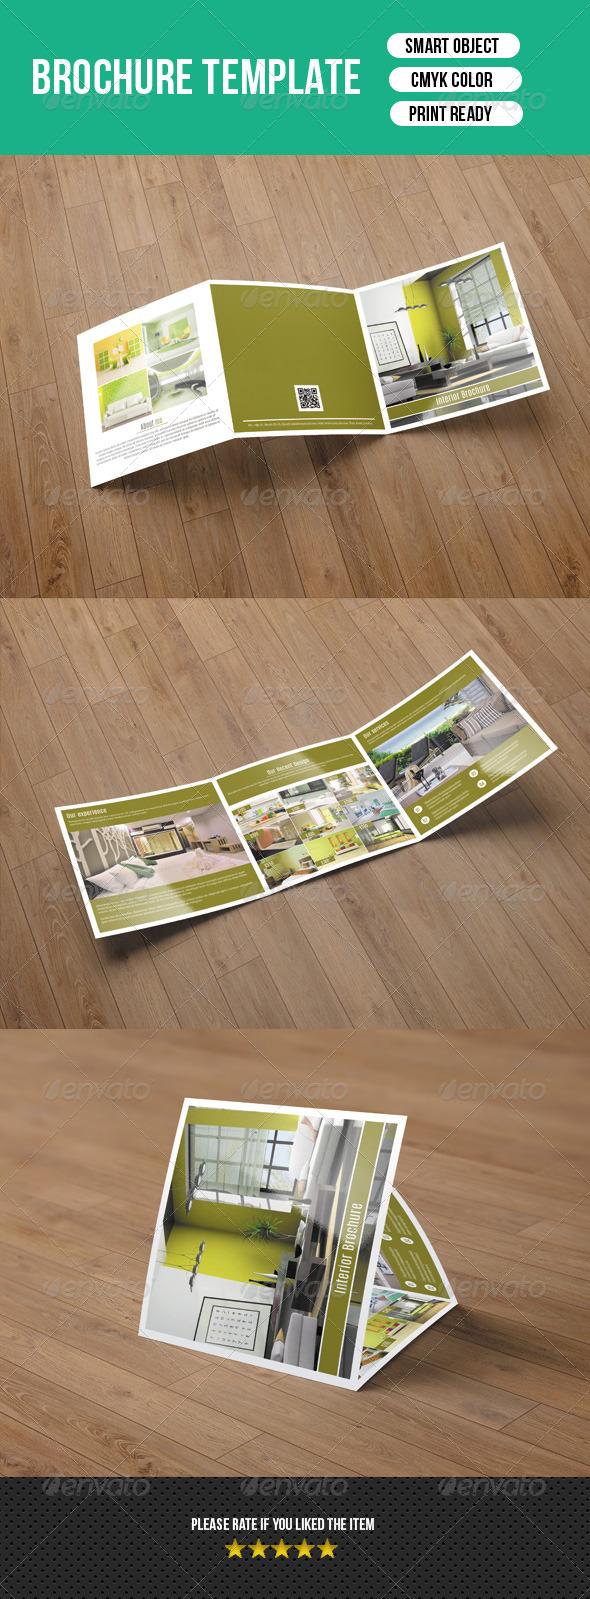 Square Trifold Brochure Interior Design-V20